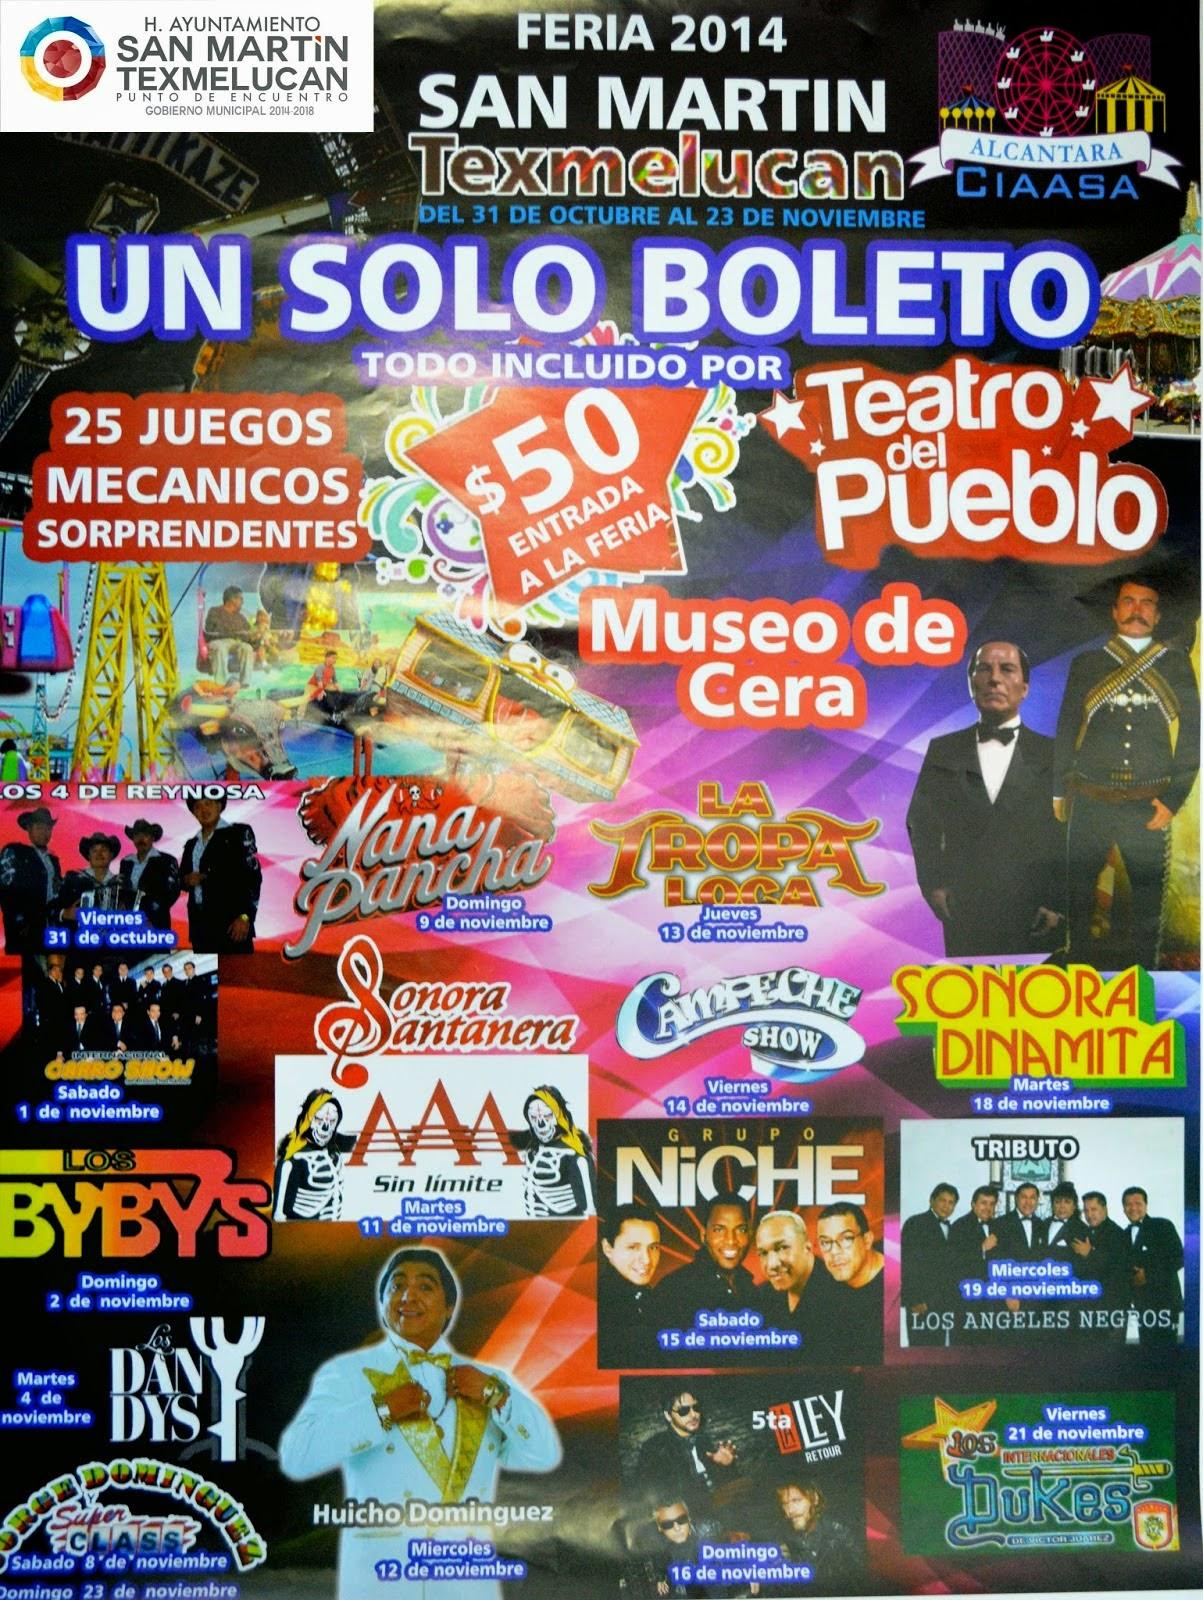 Feria San Marín Texmelucan 2014